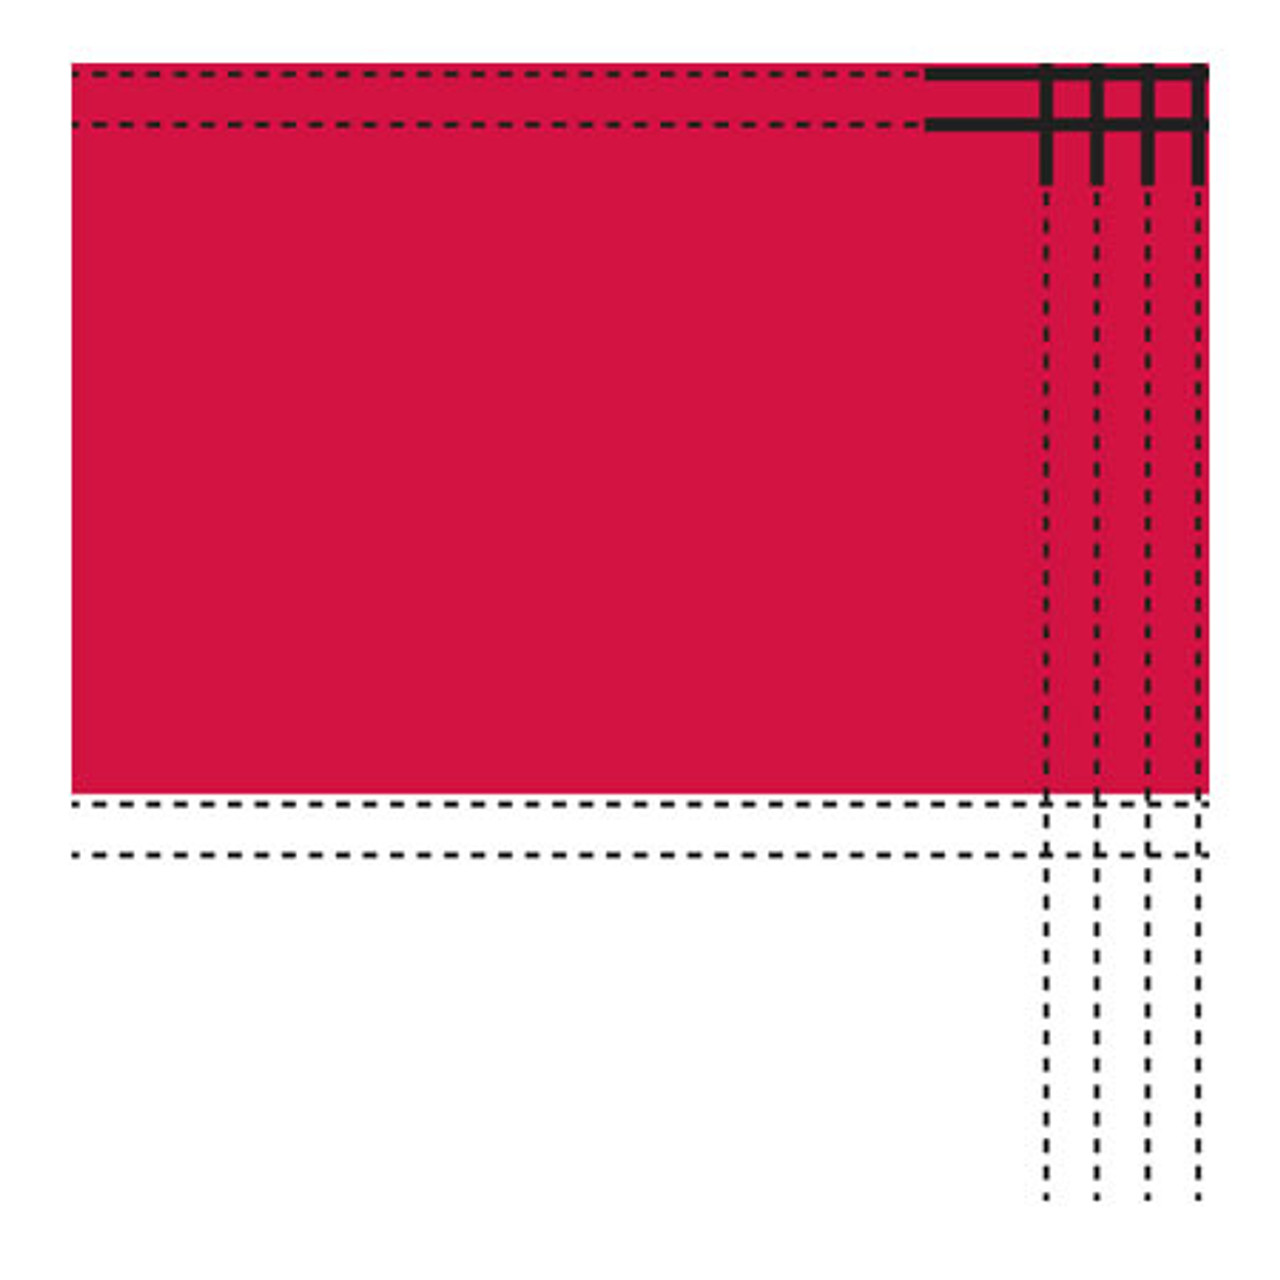 2' x 3' Nylon Texas Flag